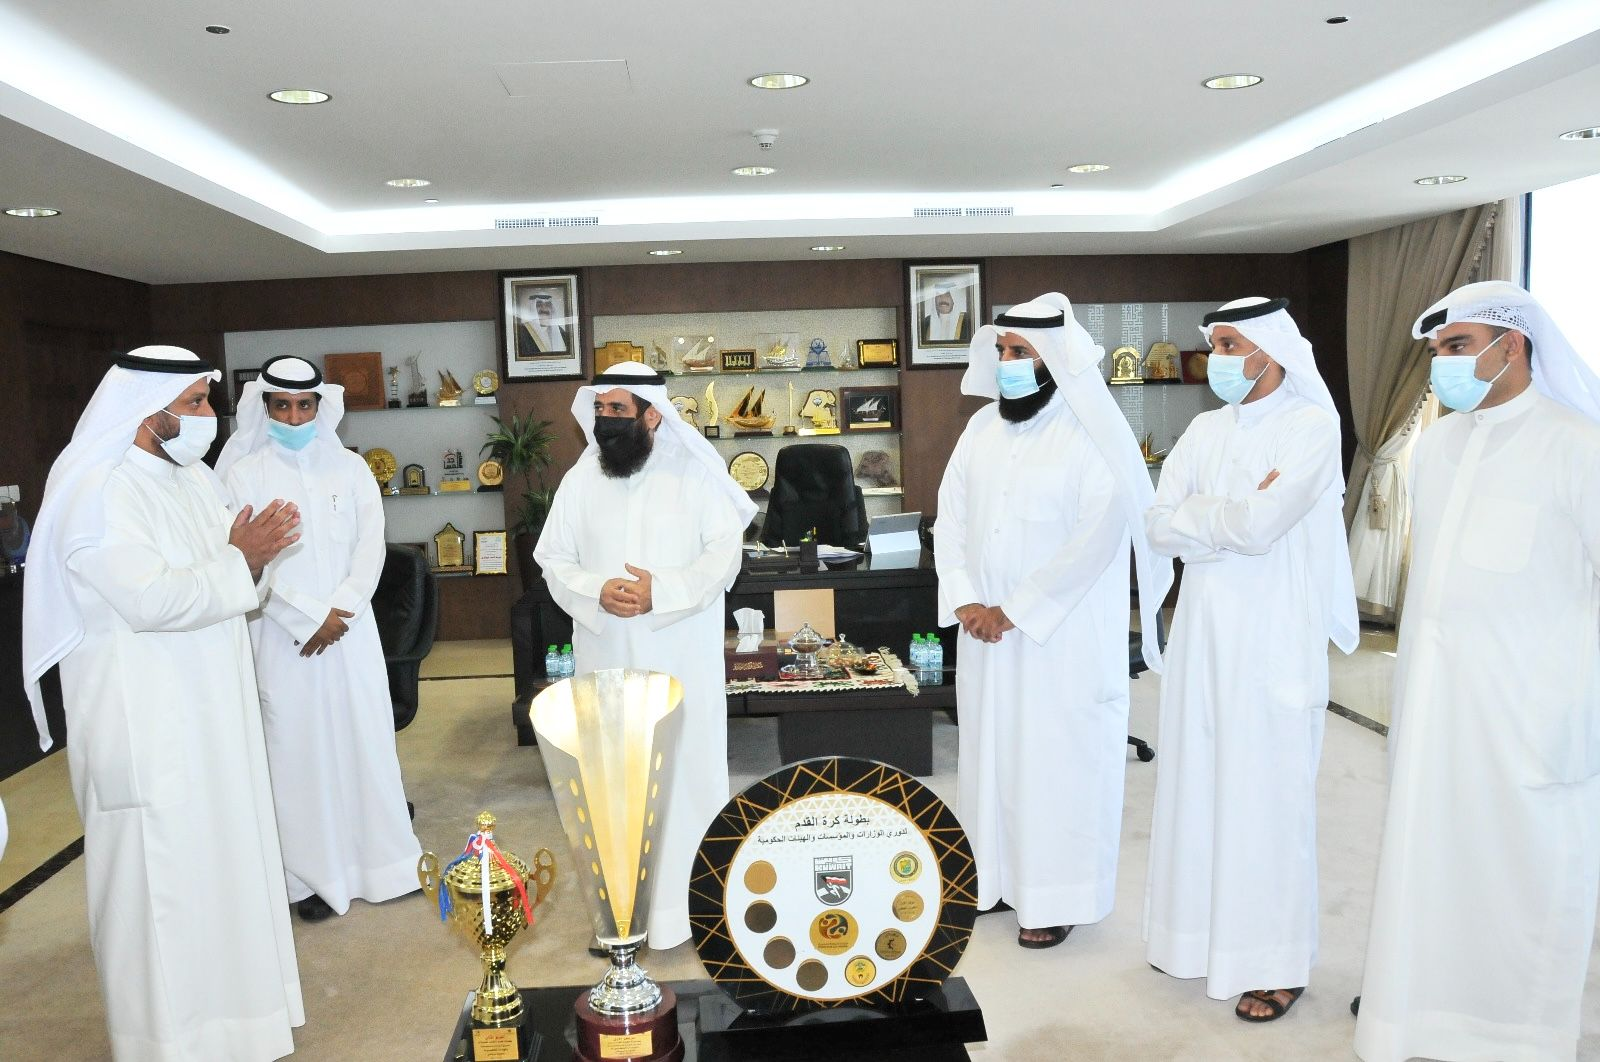 المهندس فريد عمادي هنأ لجنة الأوقاف الرياضية بفوز فريق كرة القدم بدوري الوزارات والهيئات الحكومية